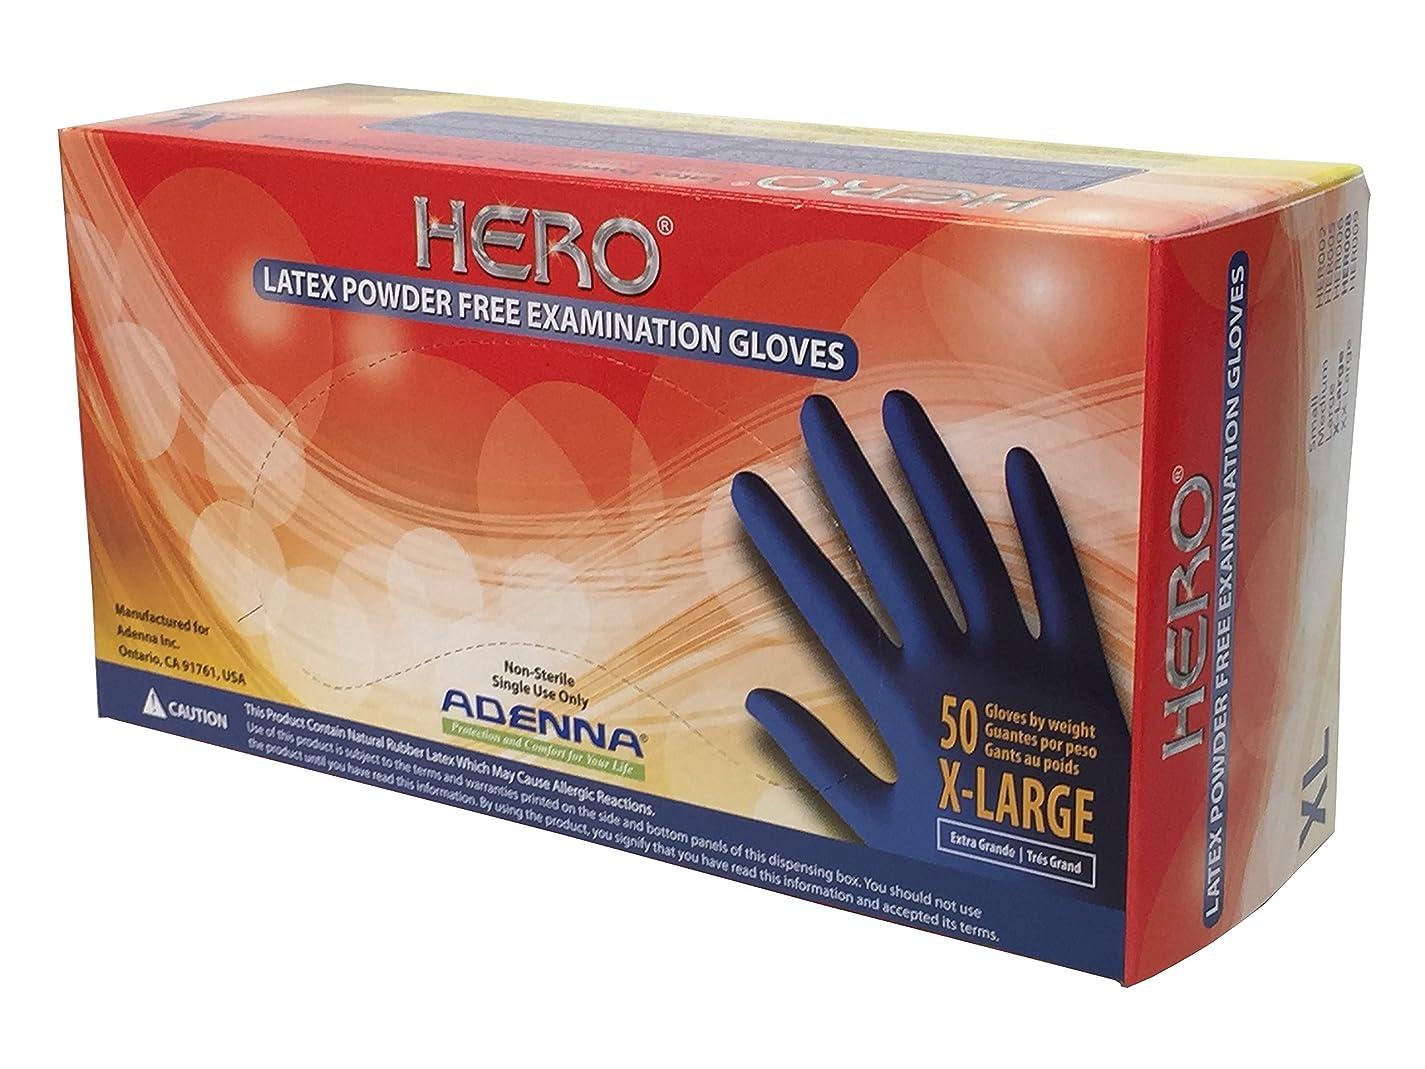 鹿近代化テスピアン(X-Large) - Adenna Hero 14 mil Latex Powder Free Exam Gloves (Blue, X-Large) Box of 50